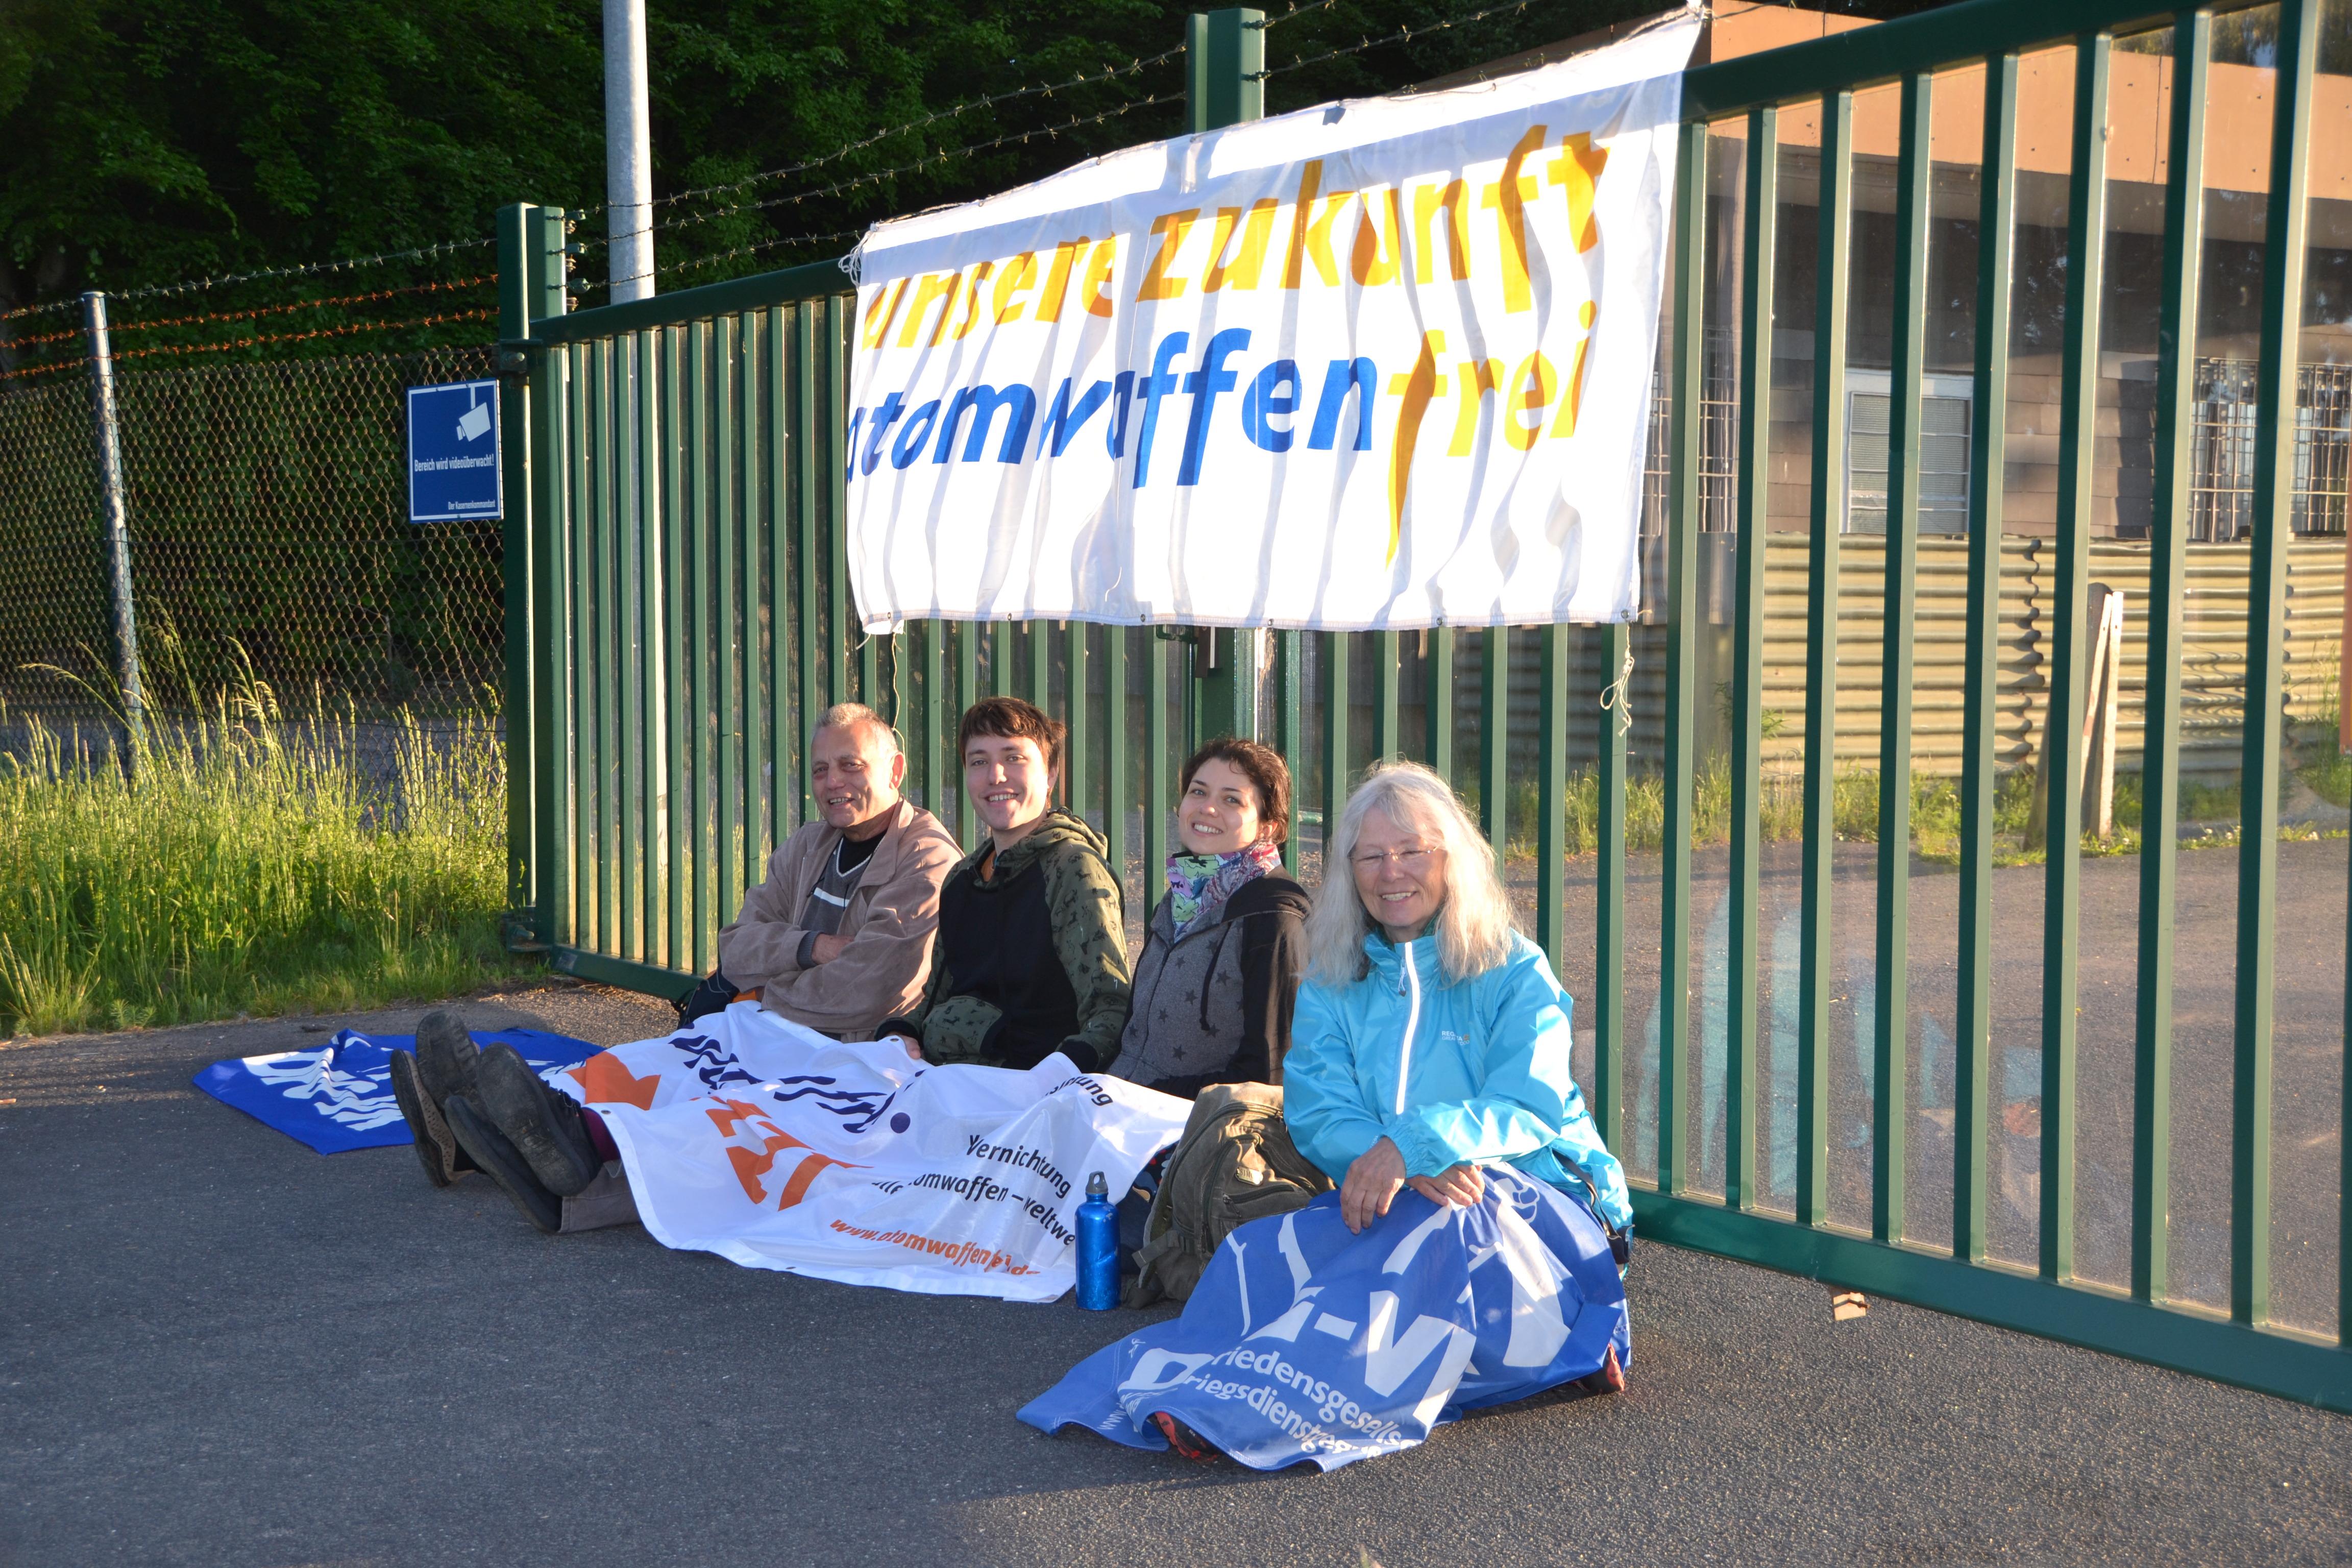 """Vier Aktivisten sitzen vor einem Tor, an dem ein Banner mit der Aufschrift """"Atomwaffenfrei"""" hängt. Sie haben sich weitere Banner über die Knie gelegt lachen in die Kamera. Von hinten scheint die aufgehende Sonne durchs Tor."""